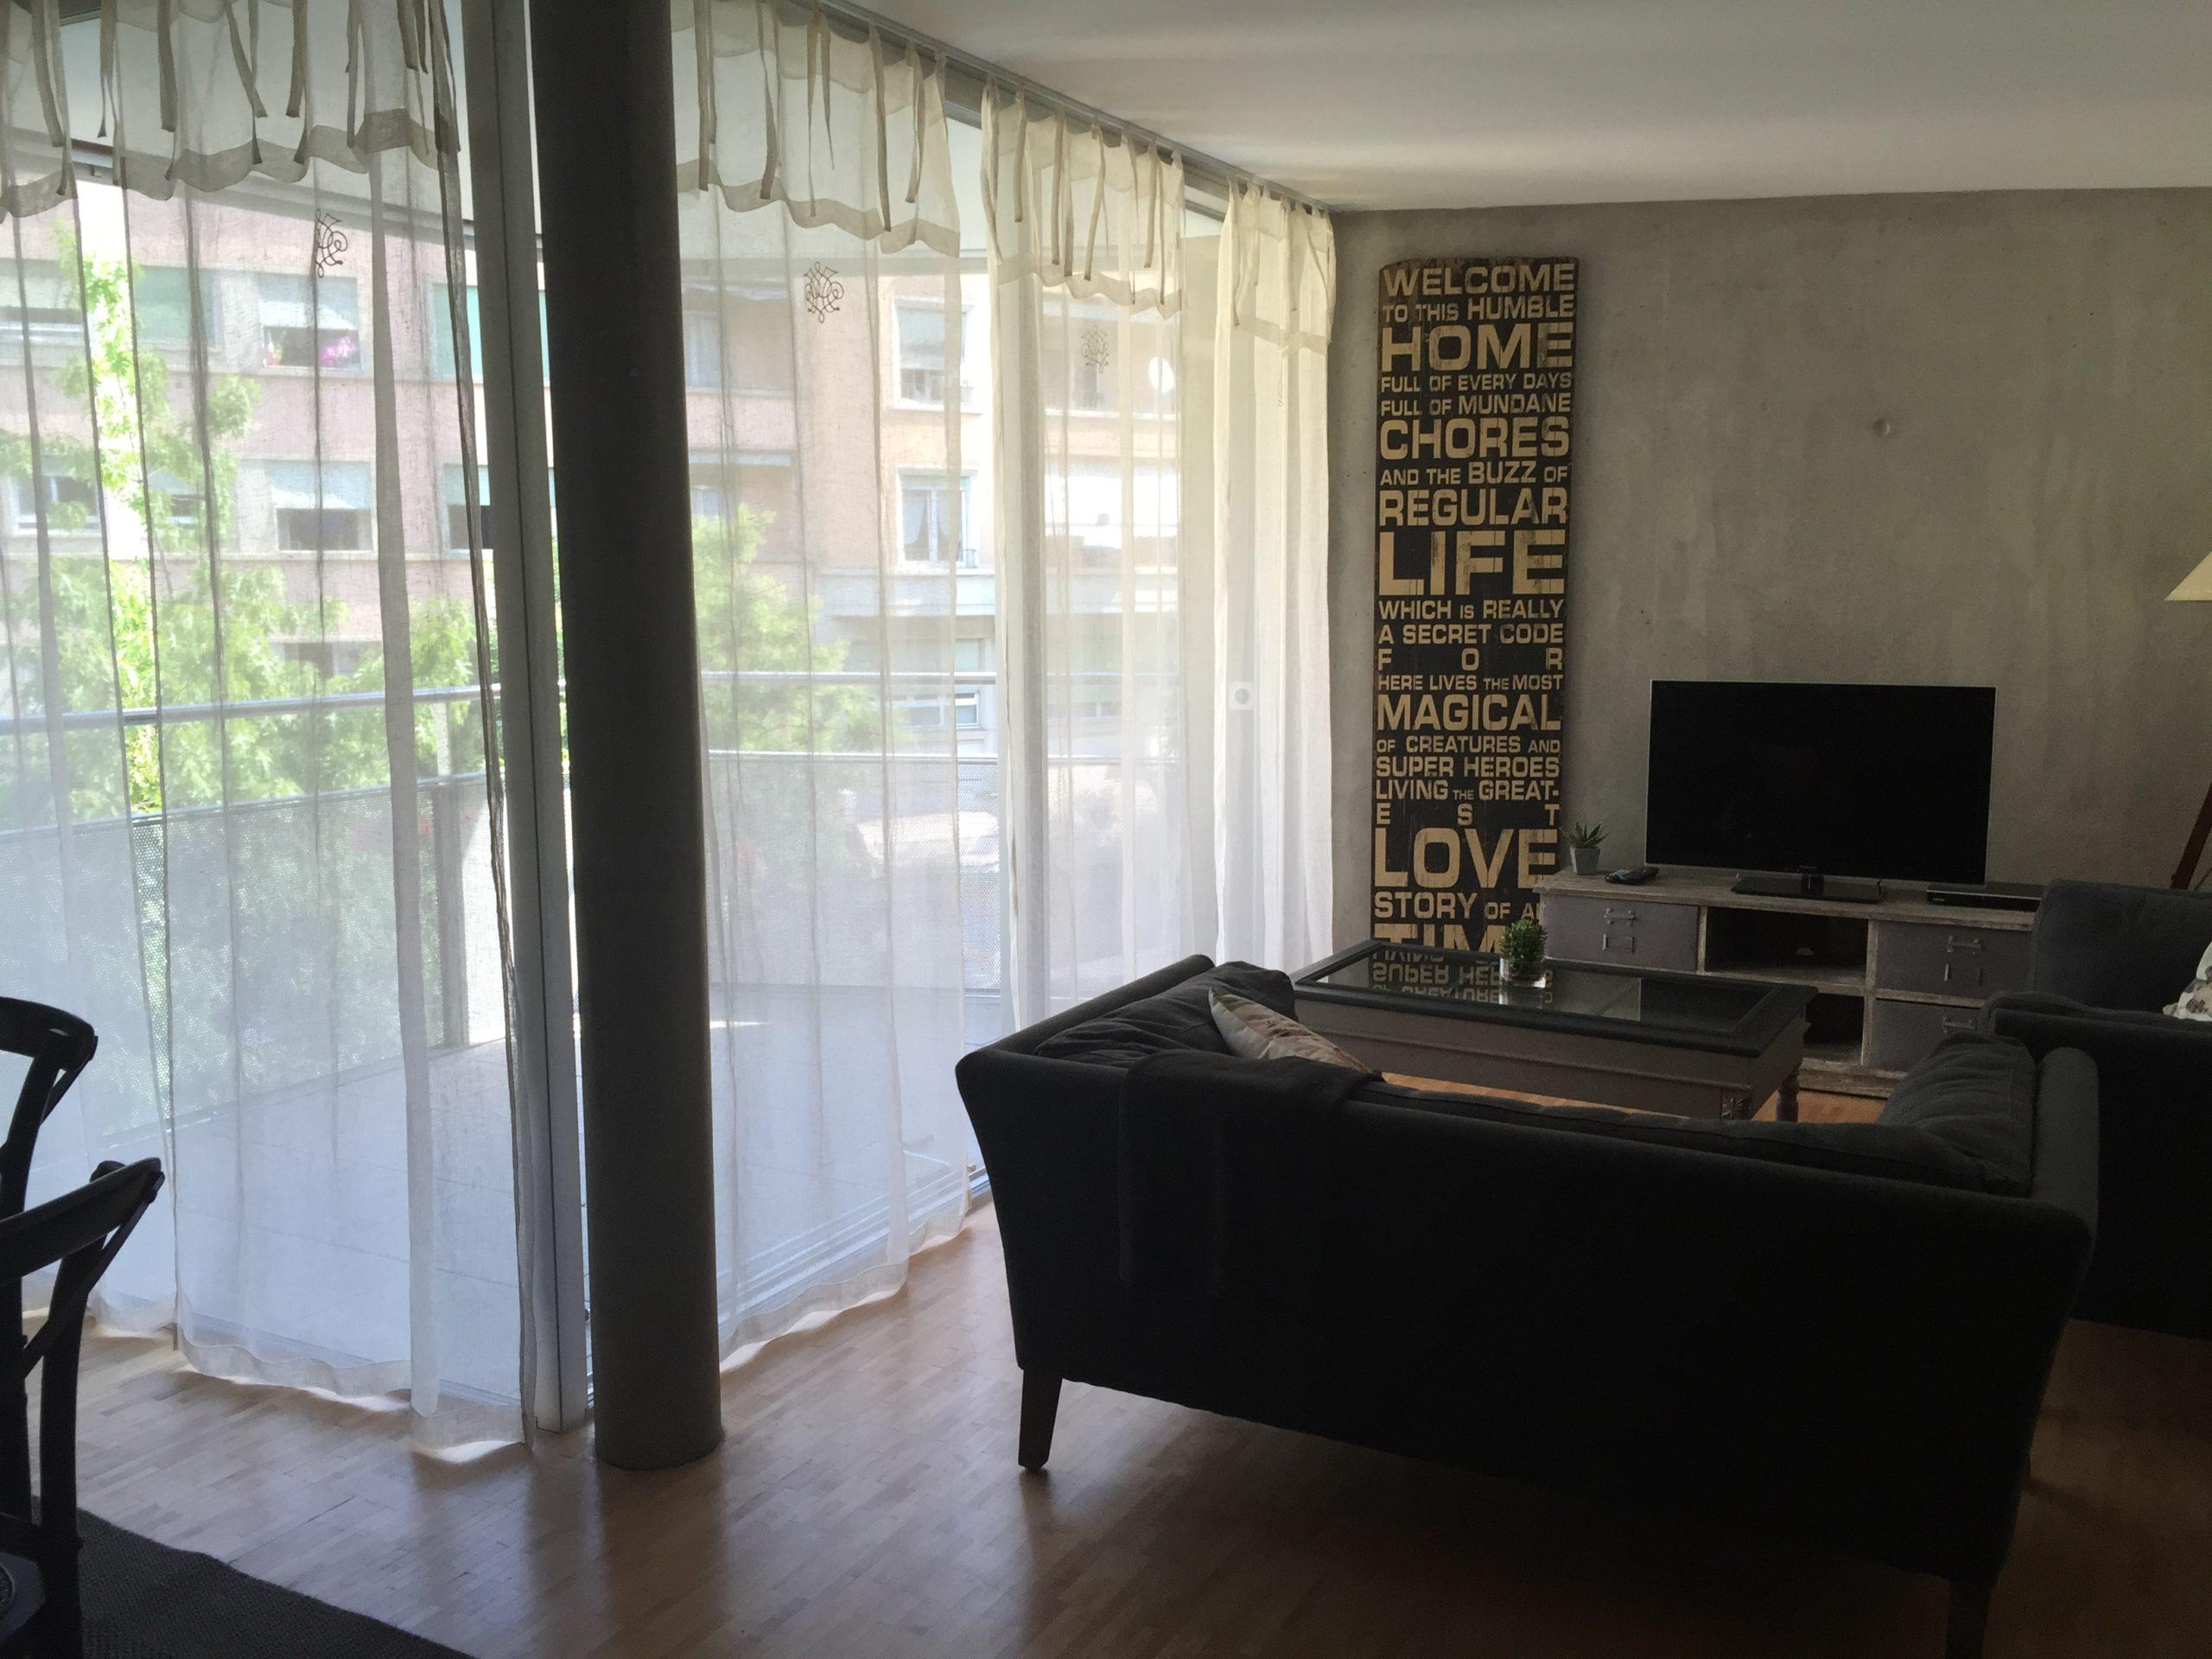 Rue du Flon 12, Lausanne - 3.5 pièces - Lot 3.2 4